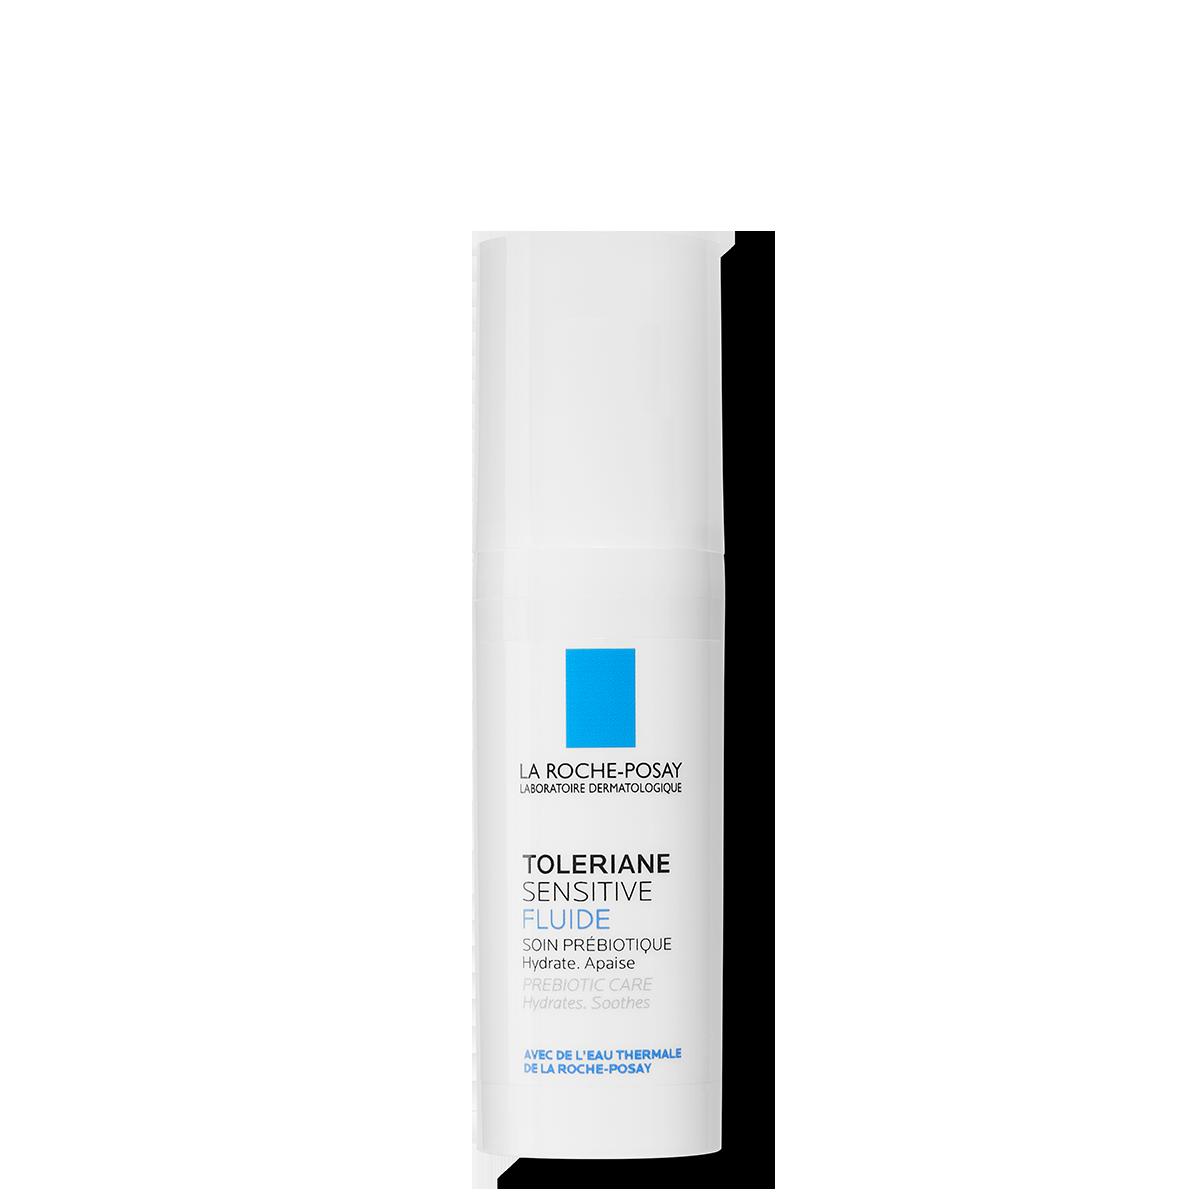 La Roche Posay ProductPage Sensitive Allergic Toleriane Sensitive Flui